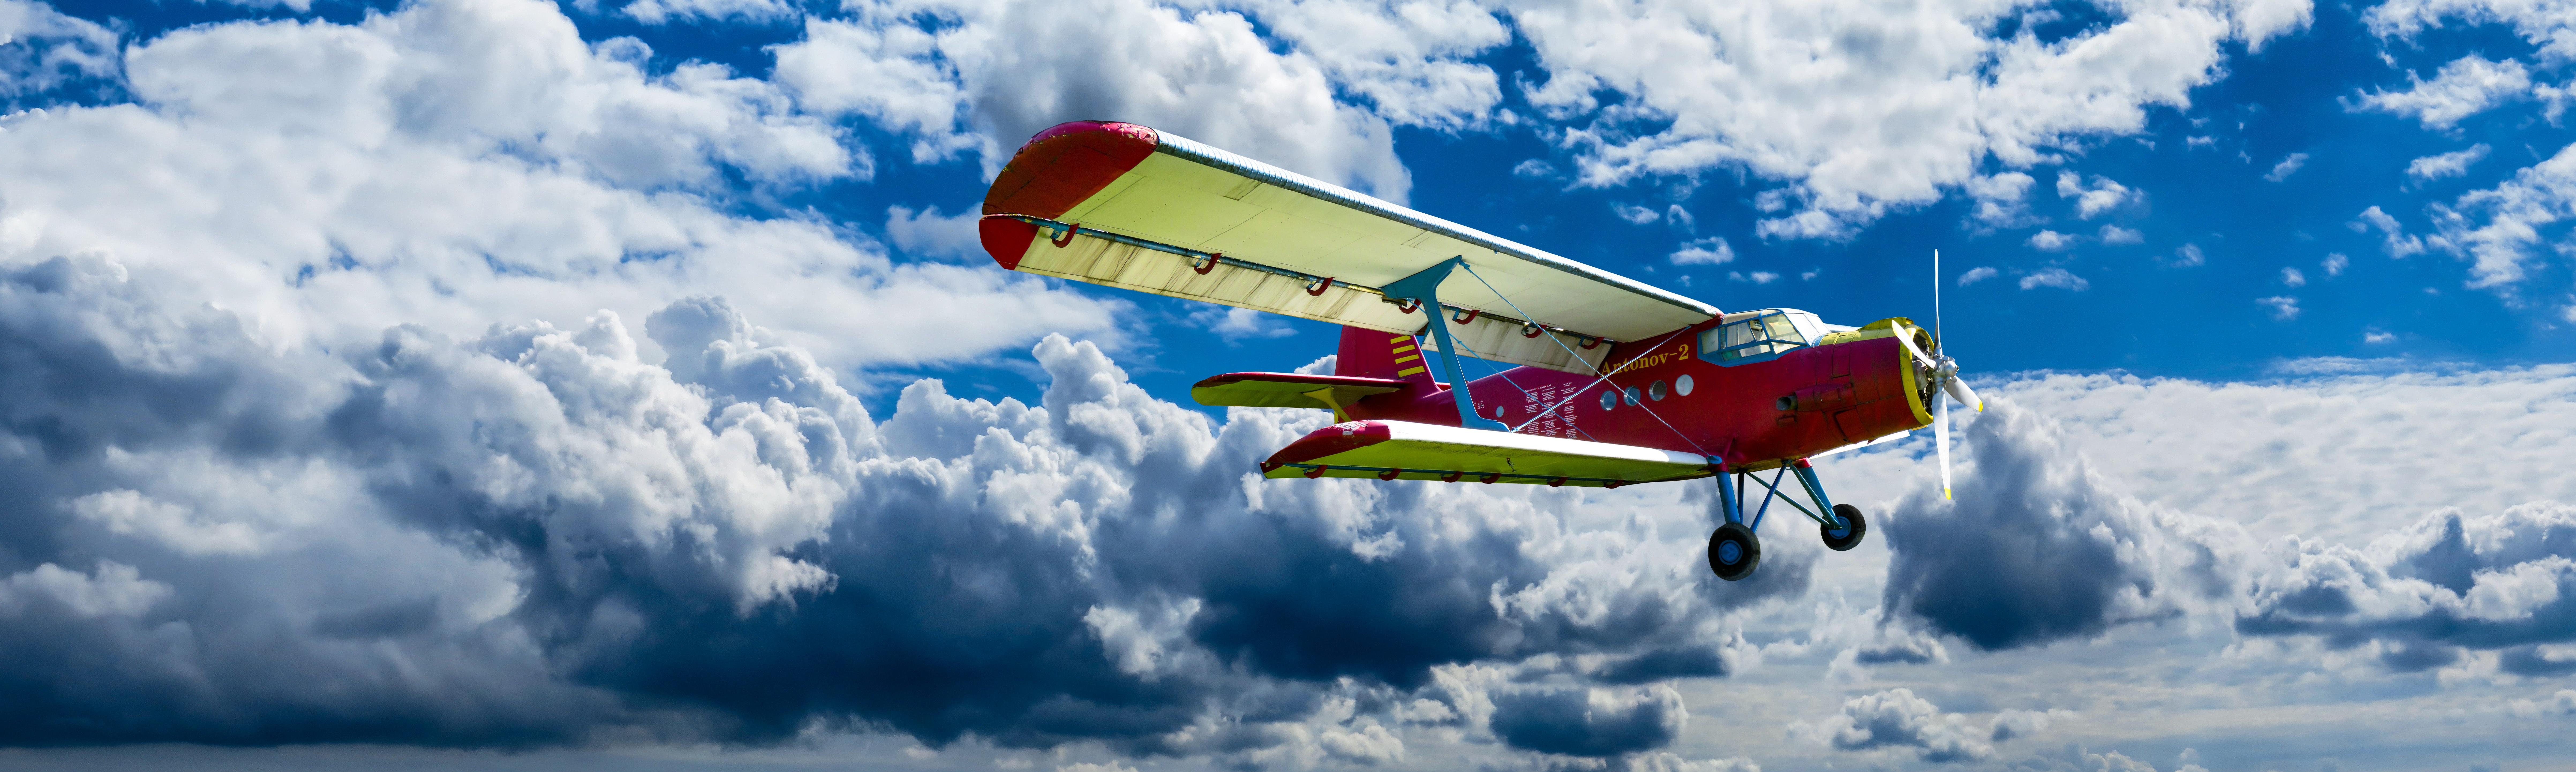 aircraft-1499171 (1)